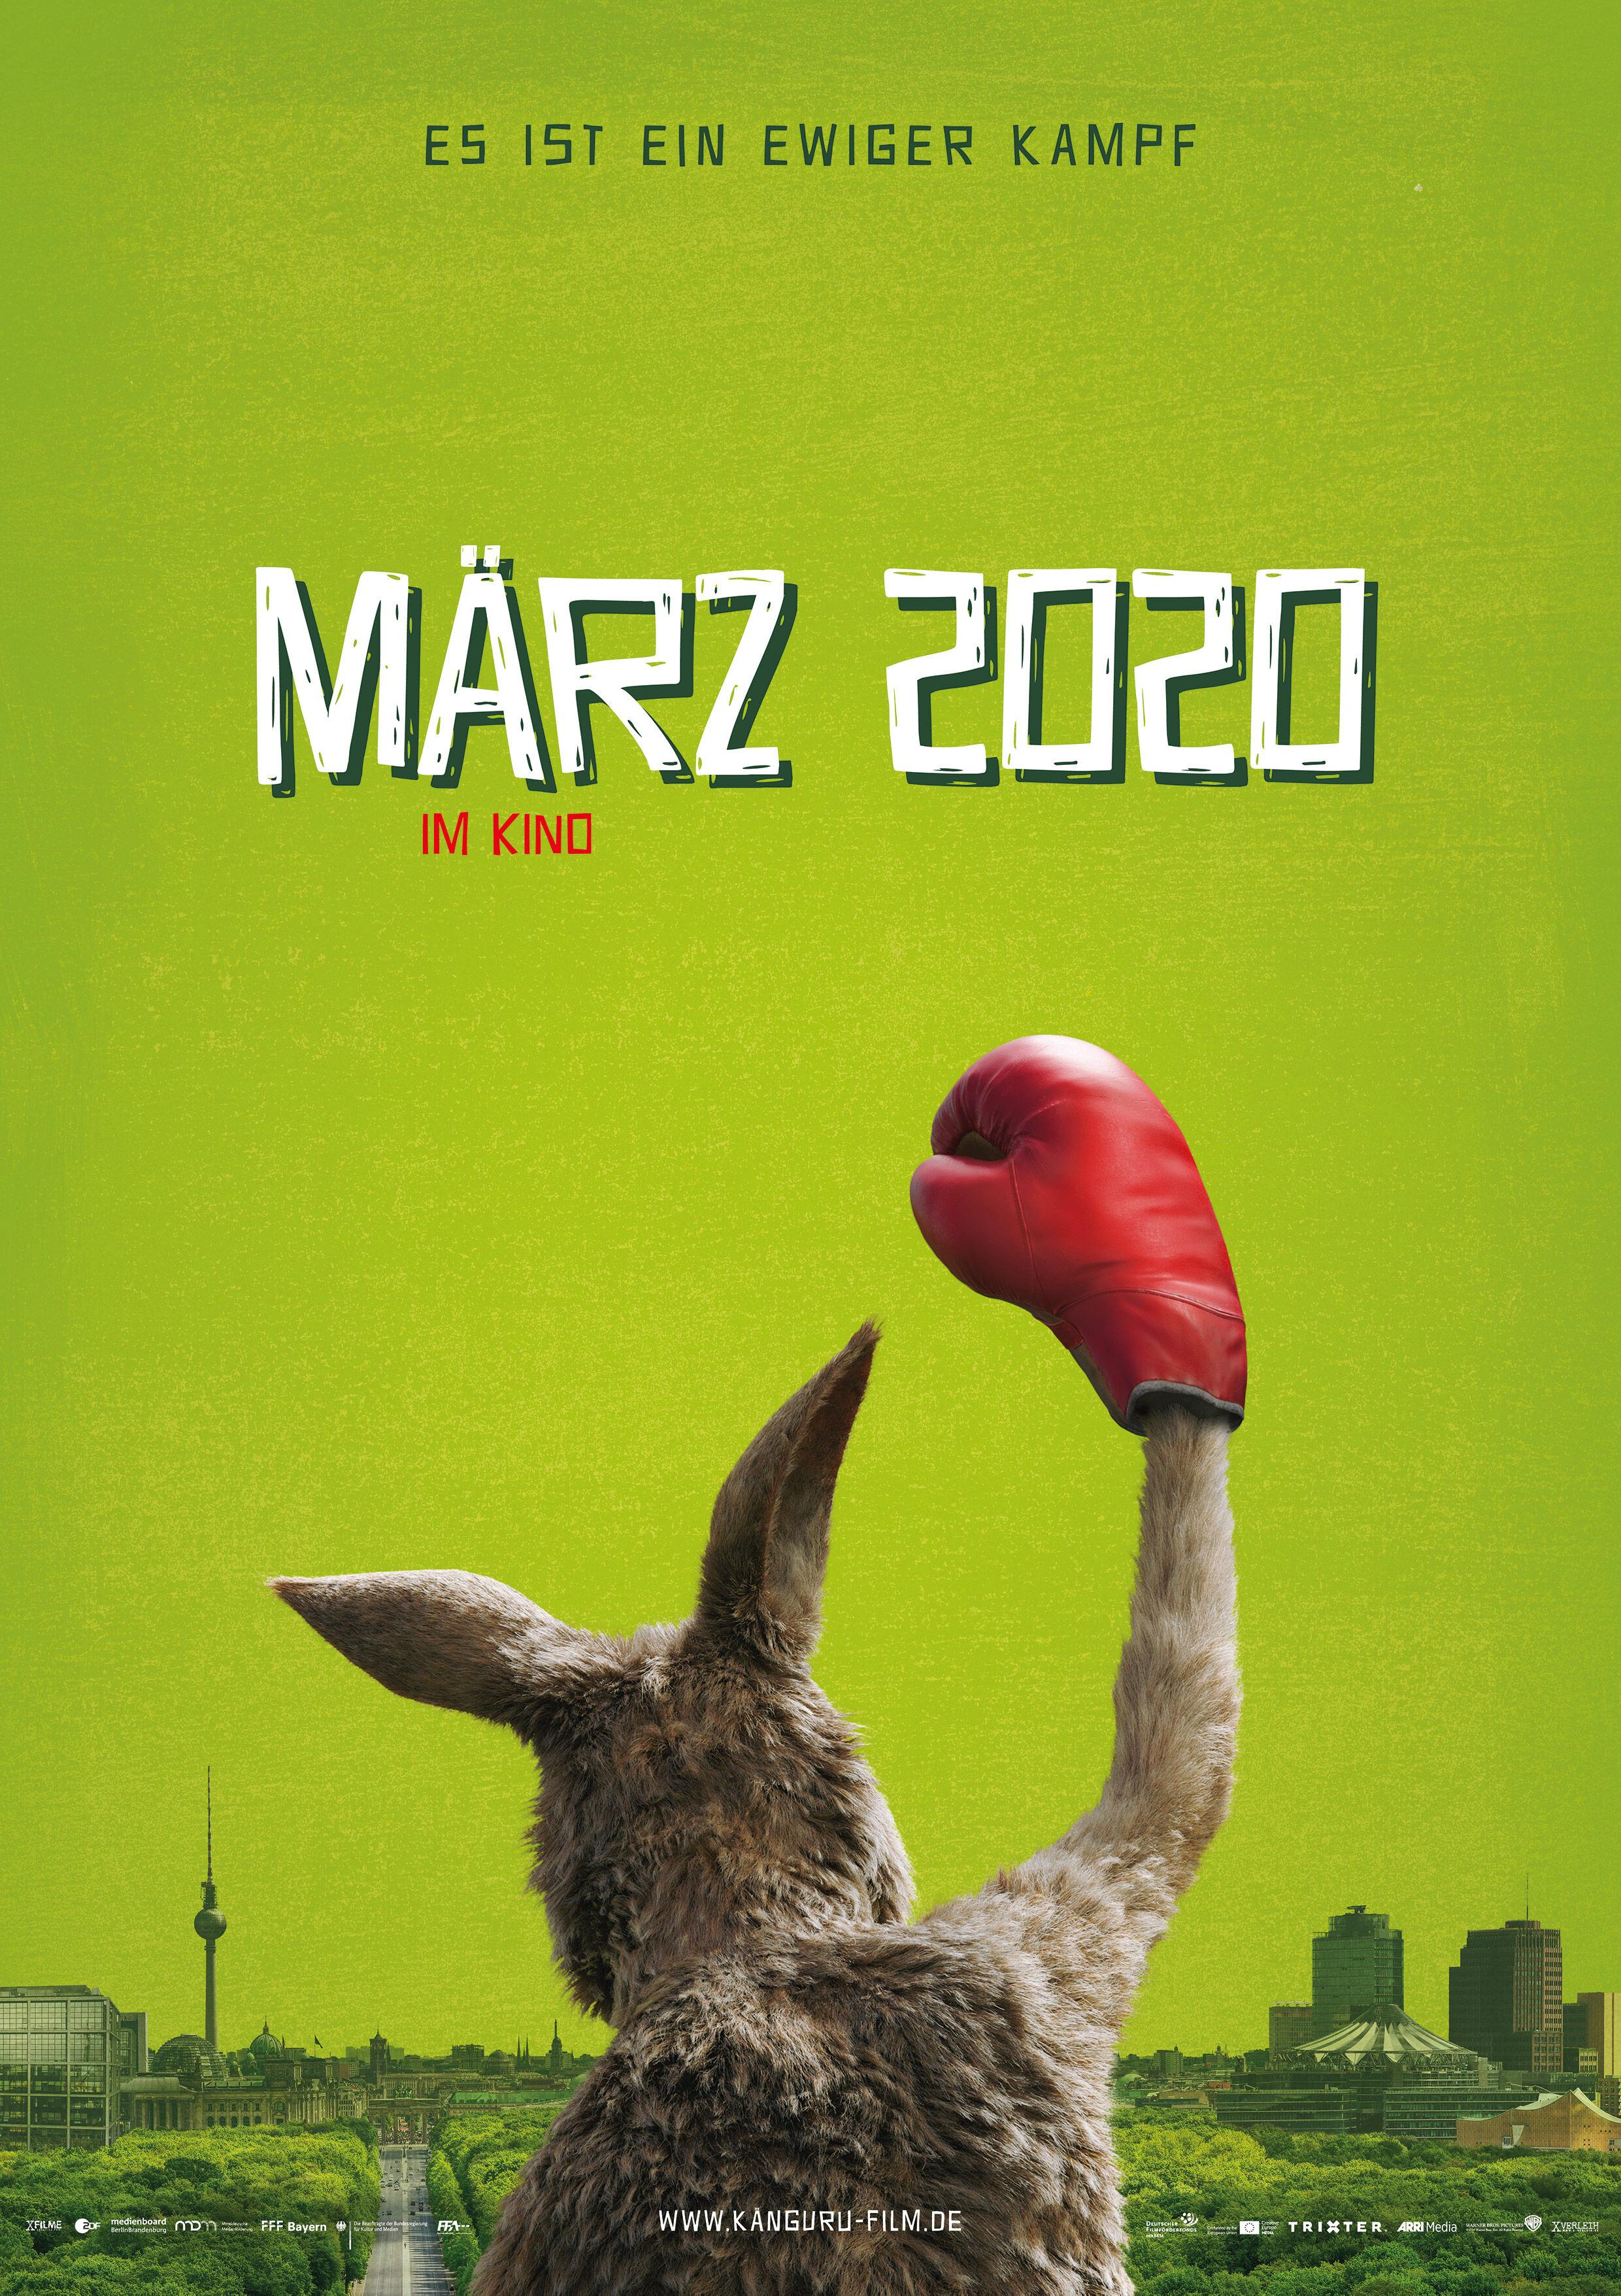 Image for DIE KÄNGURU CHRONIKEN bringt X VERLEIH Marc-Uwe Klings preisgekrönten Millionen- Bestseller in die deutschen Kinos